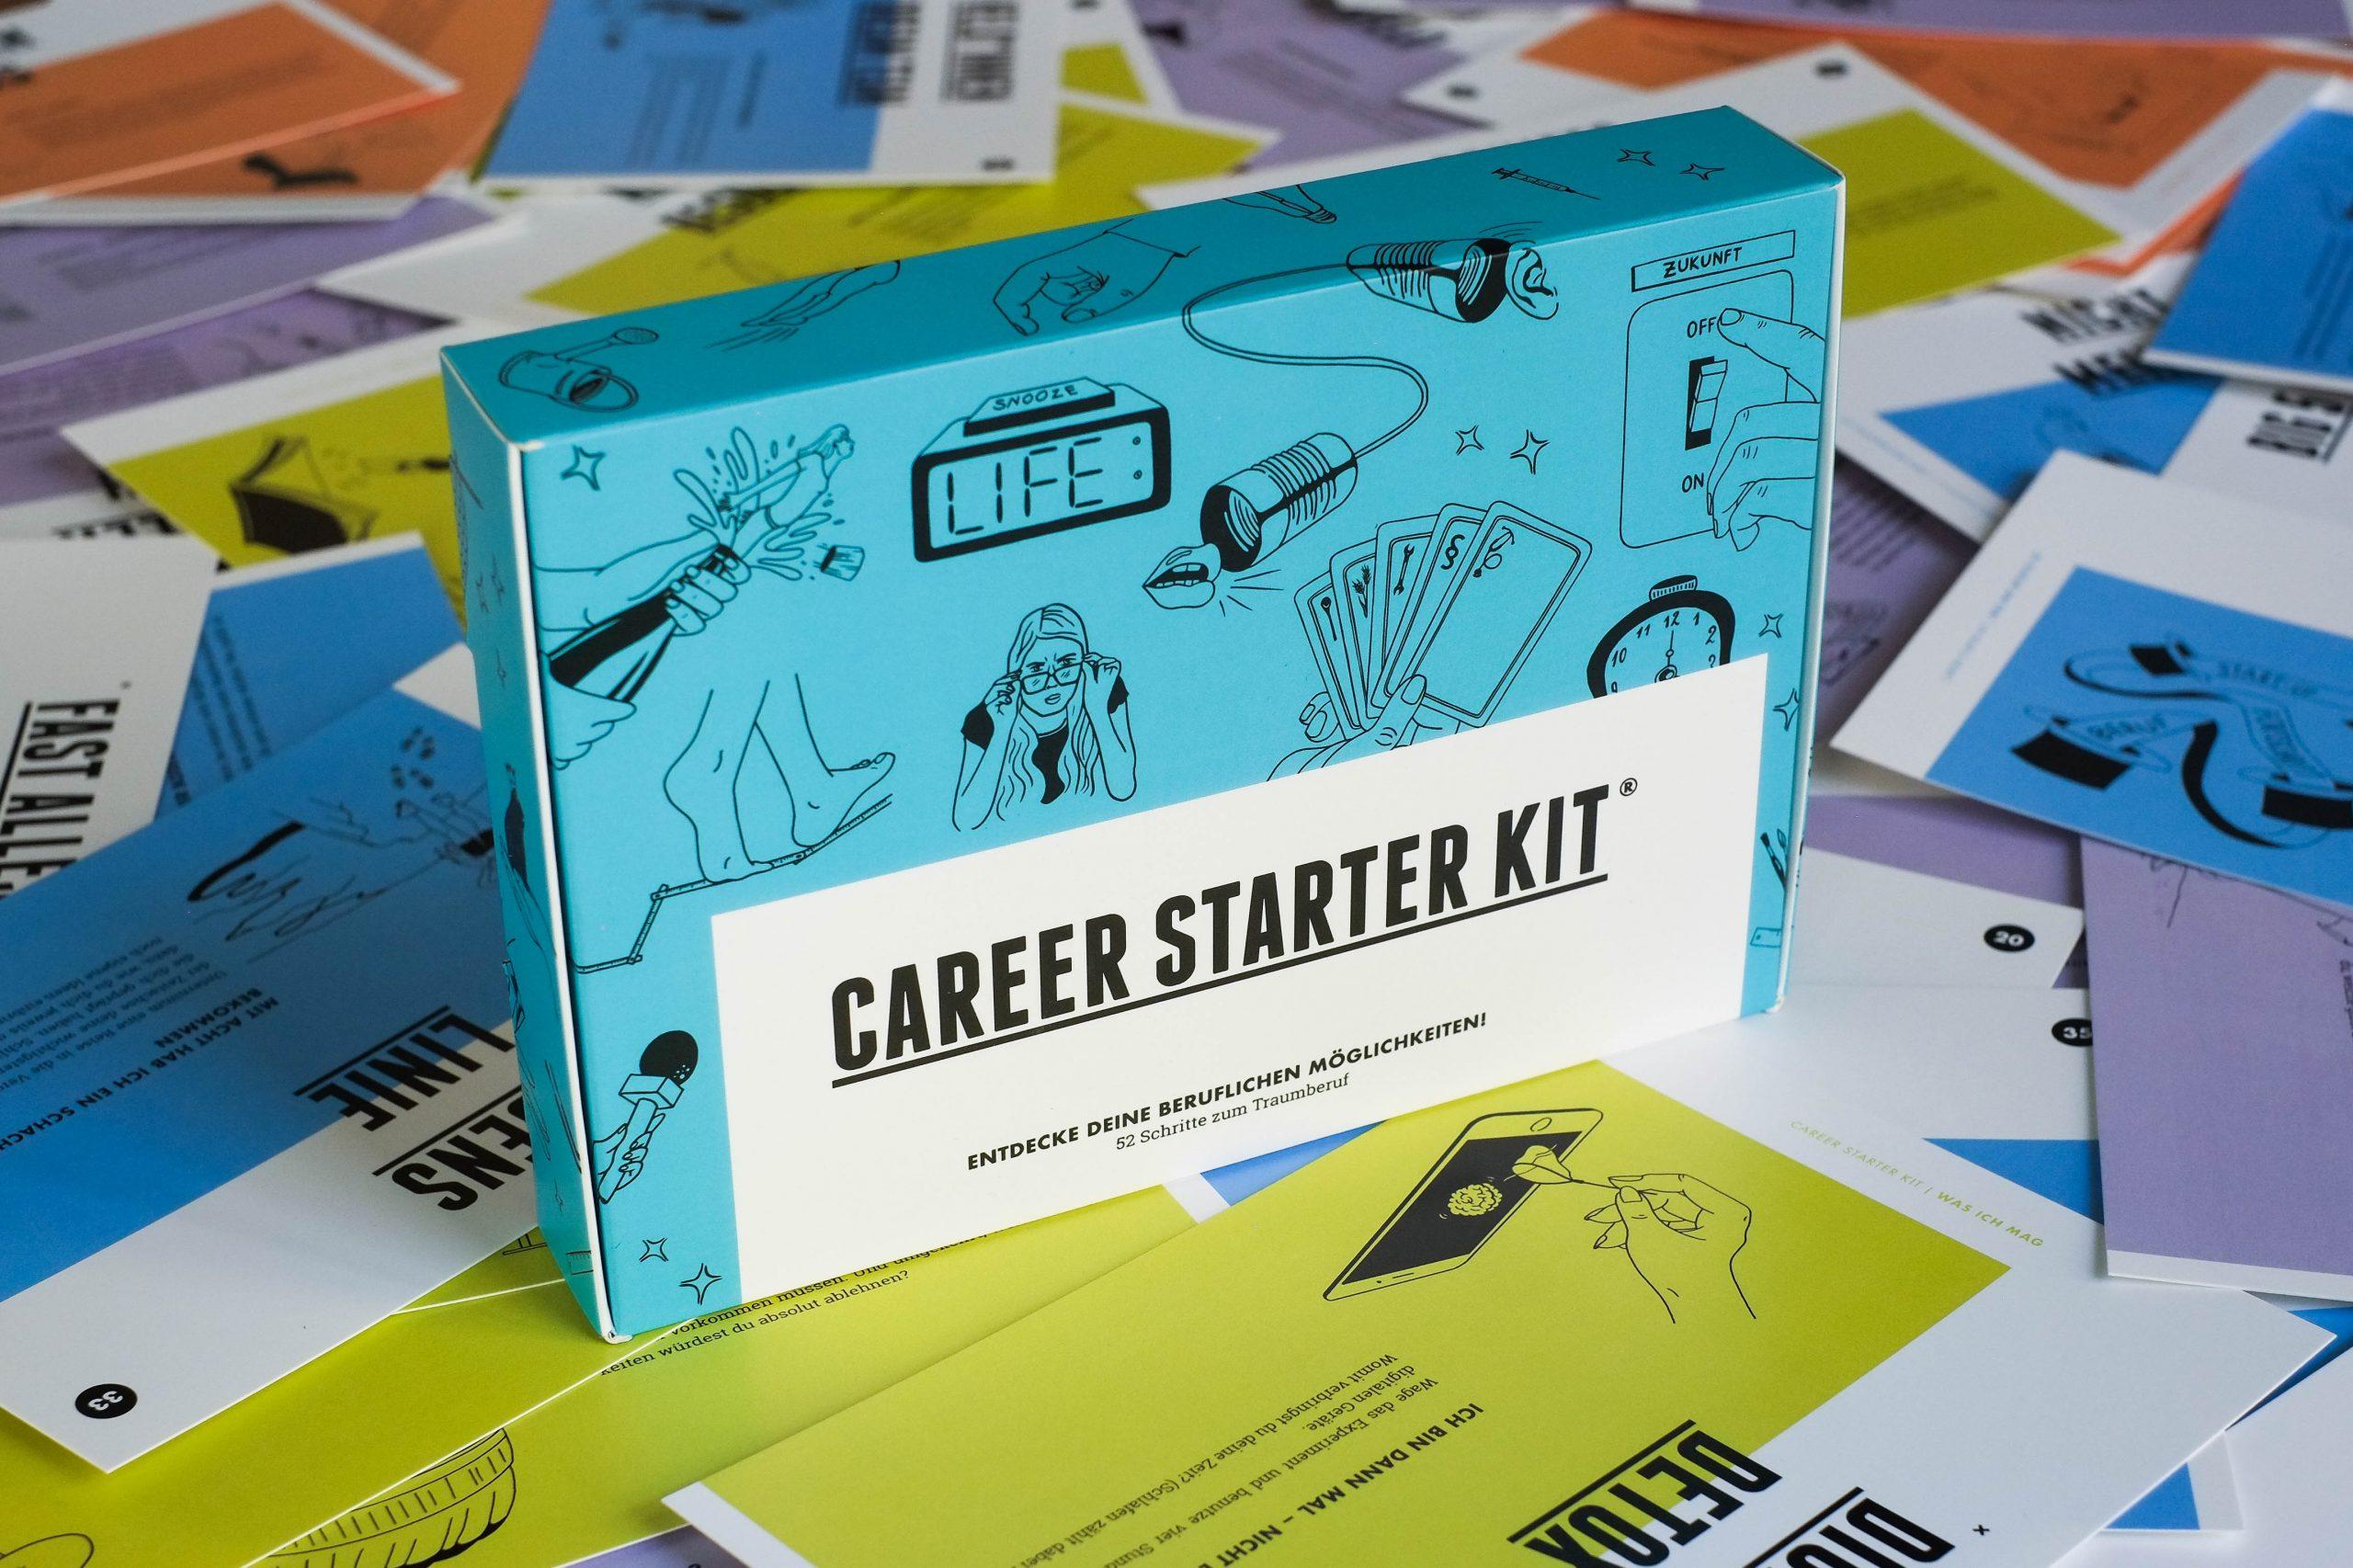 Career Starter Kit